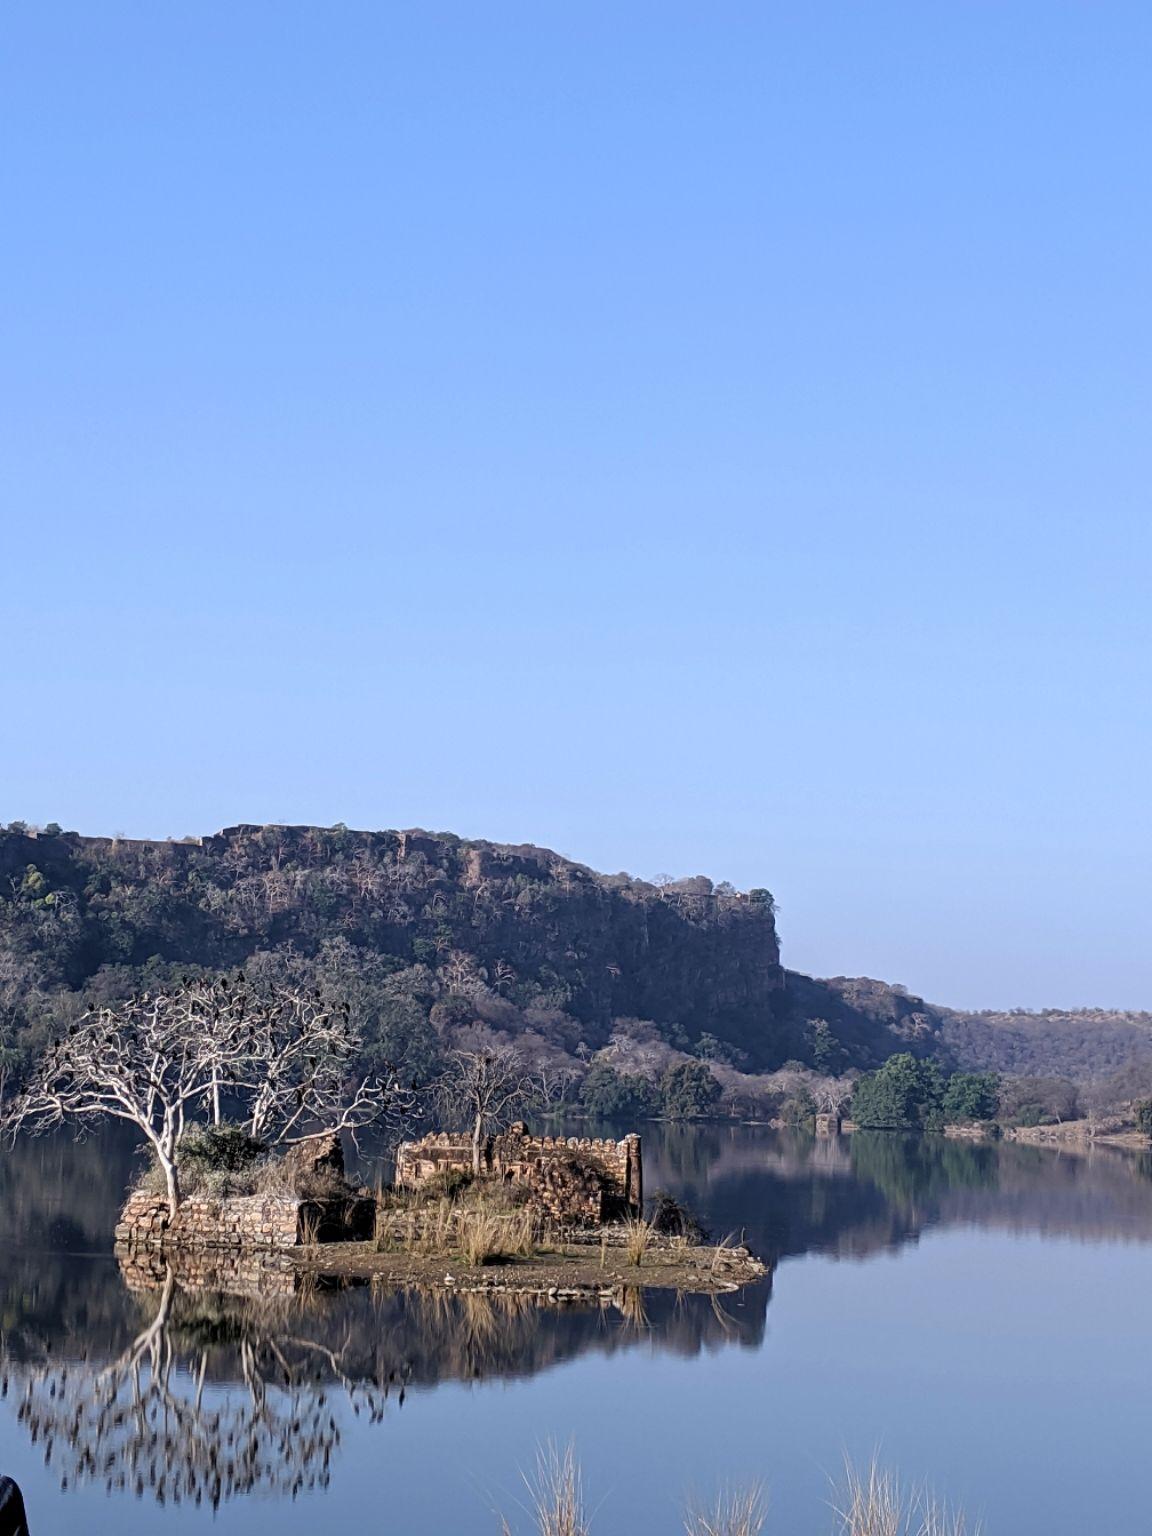 Photo of Ranthambore National Park By Smridhi Aggarwal